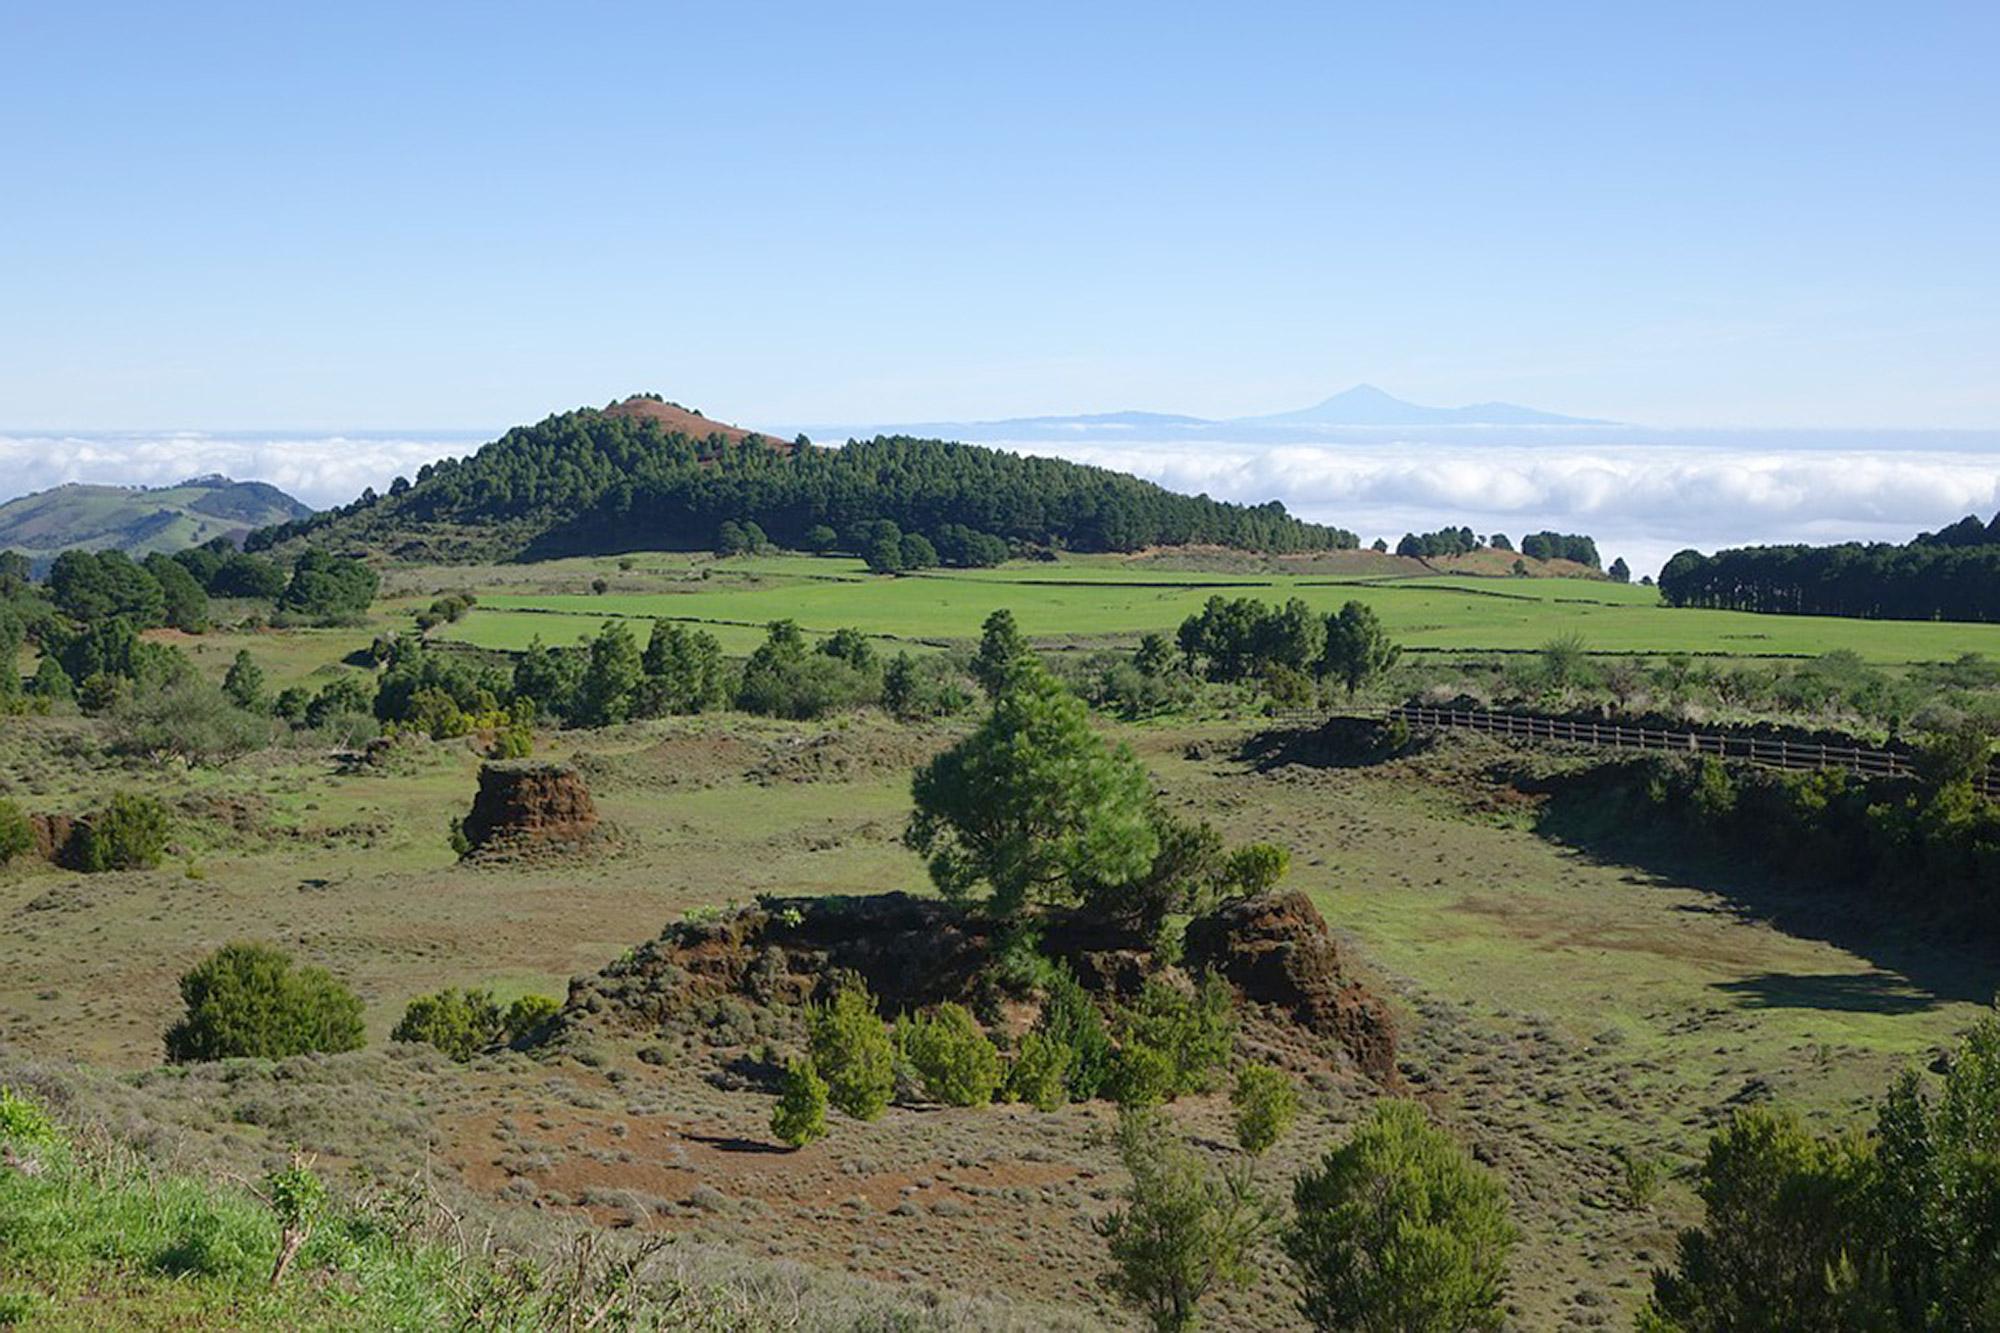 Die kleinste Insel der Kanaren ist El Hierro, die ganz im Westen der Inselgruppe liegt